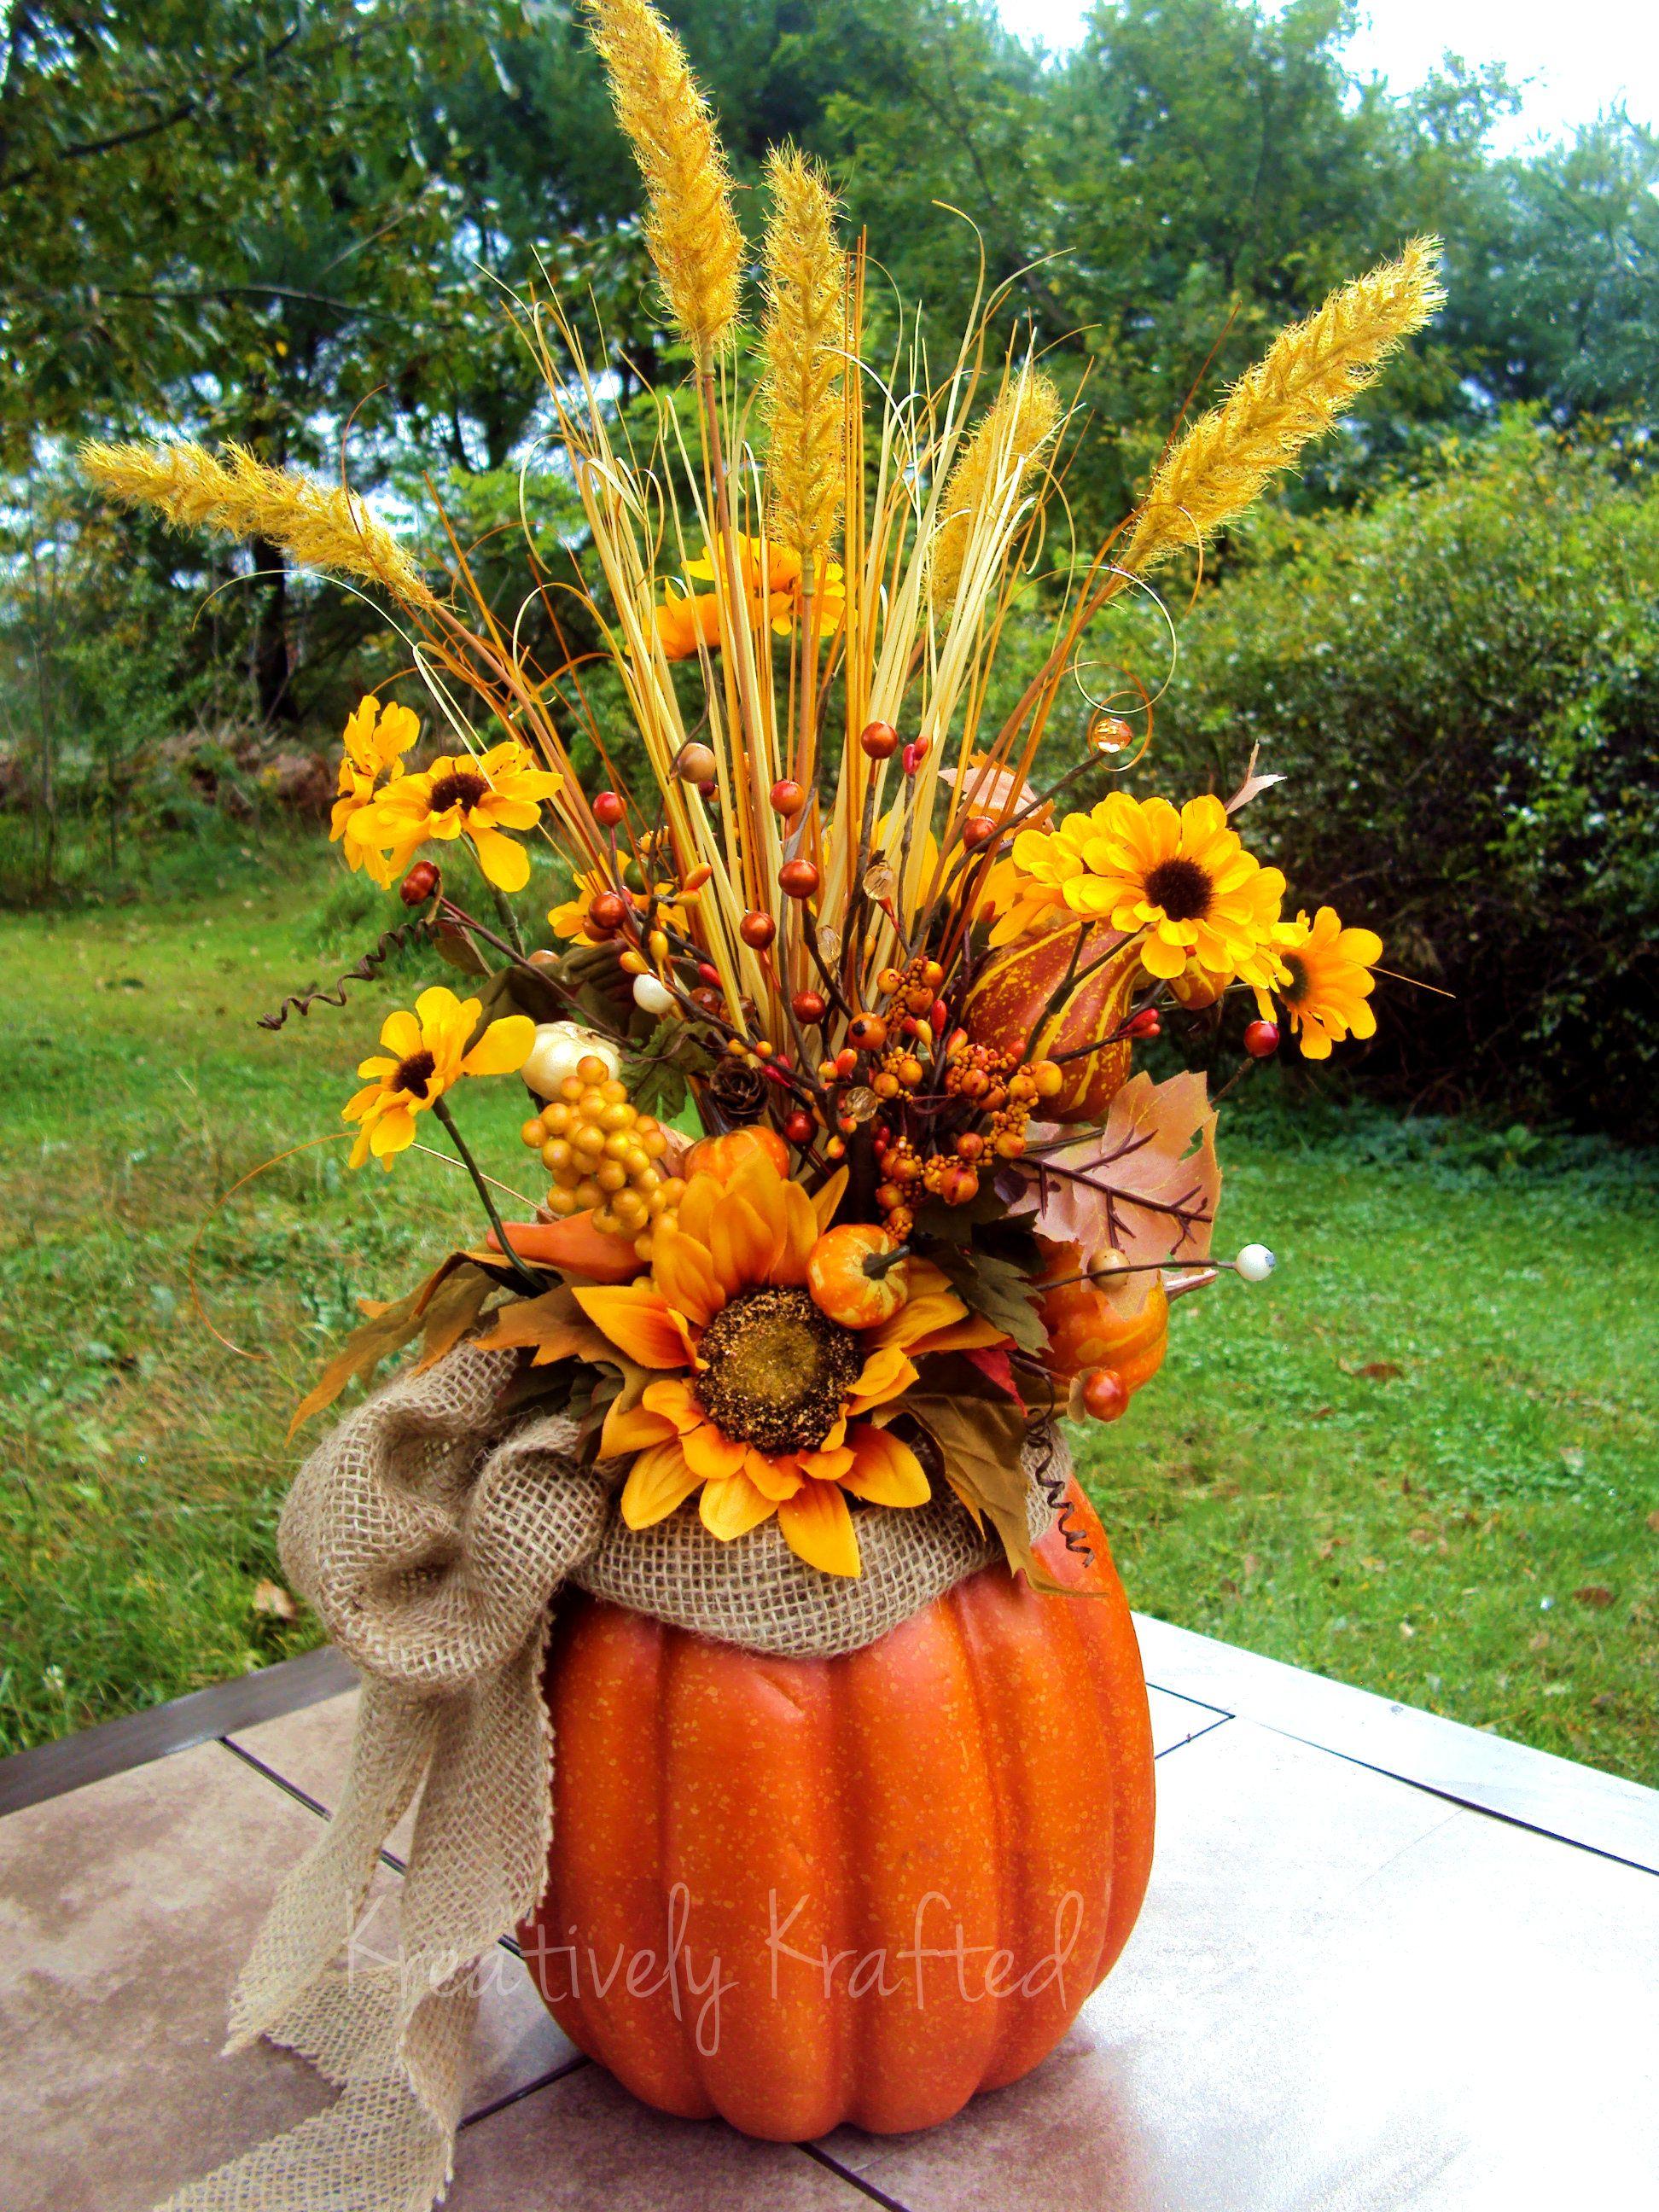 Autumn Fall Thanksgiving pumpkin centerpiece, table flower